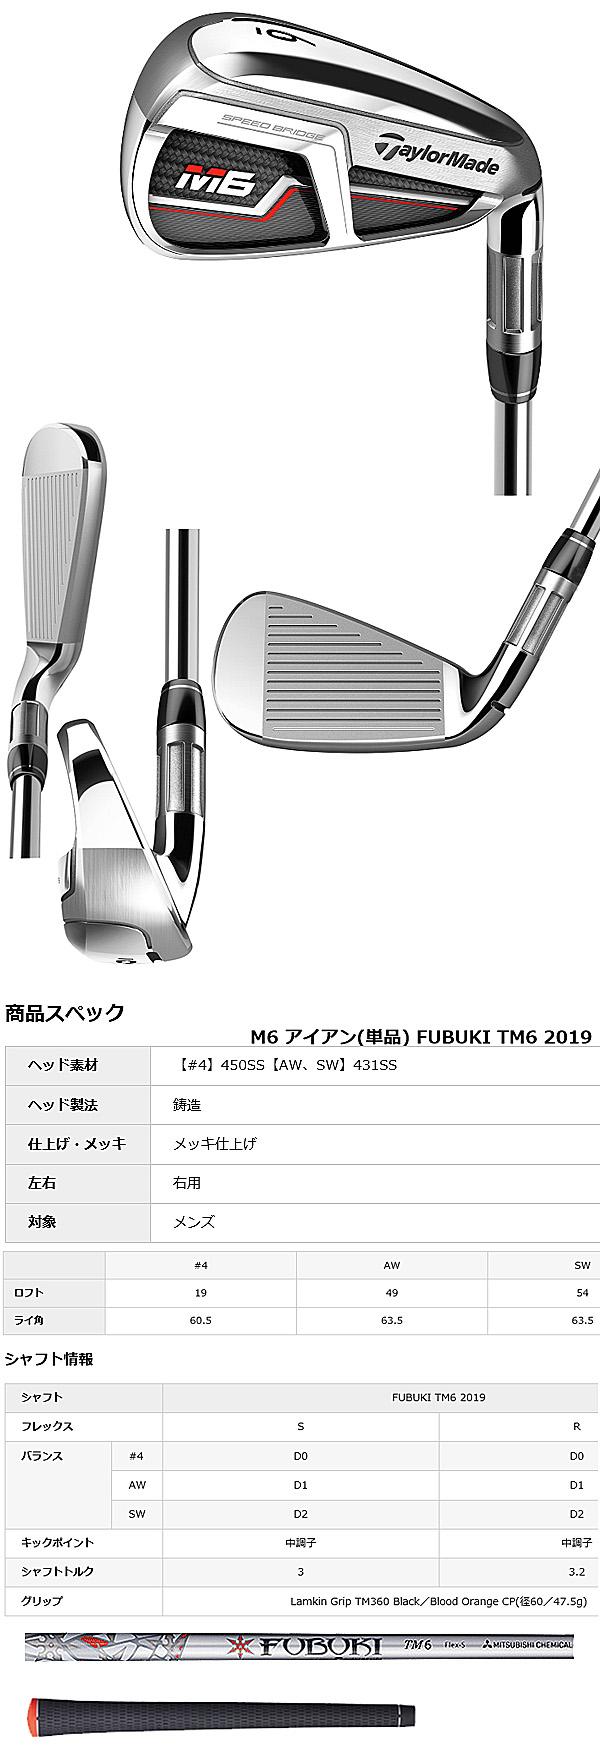 Taylormade 2019 M6 Iron Mitsubishi Chemical FUBUKI TM6 2019